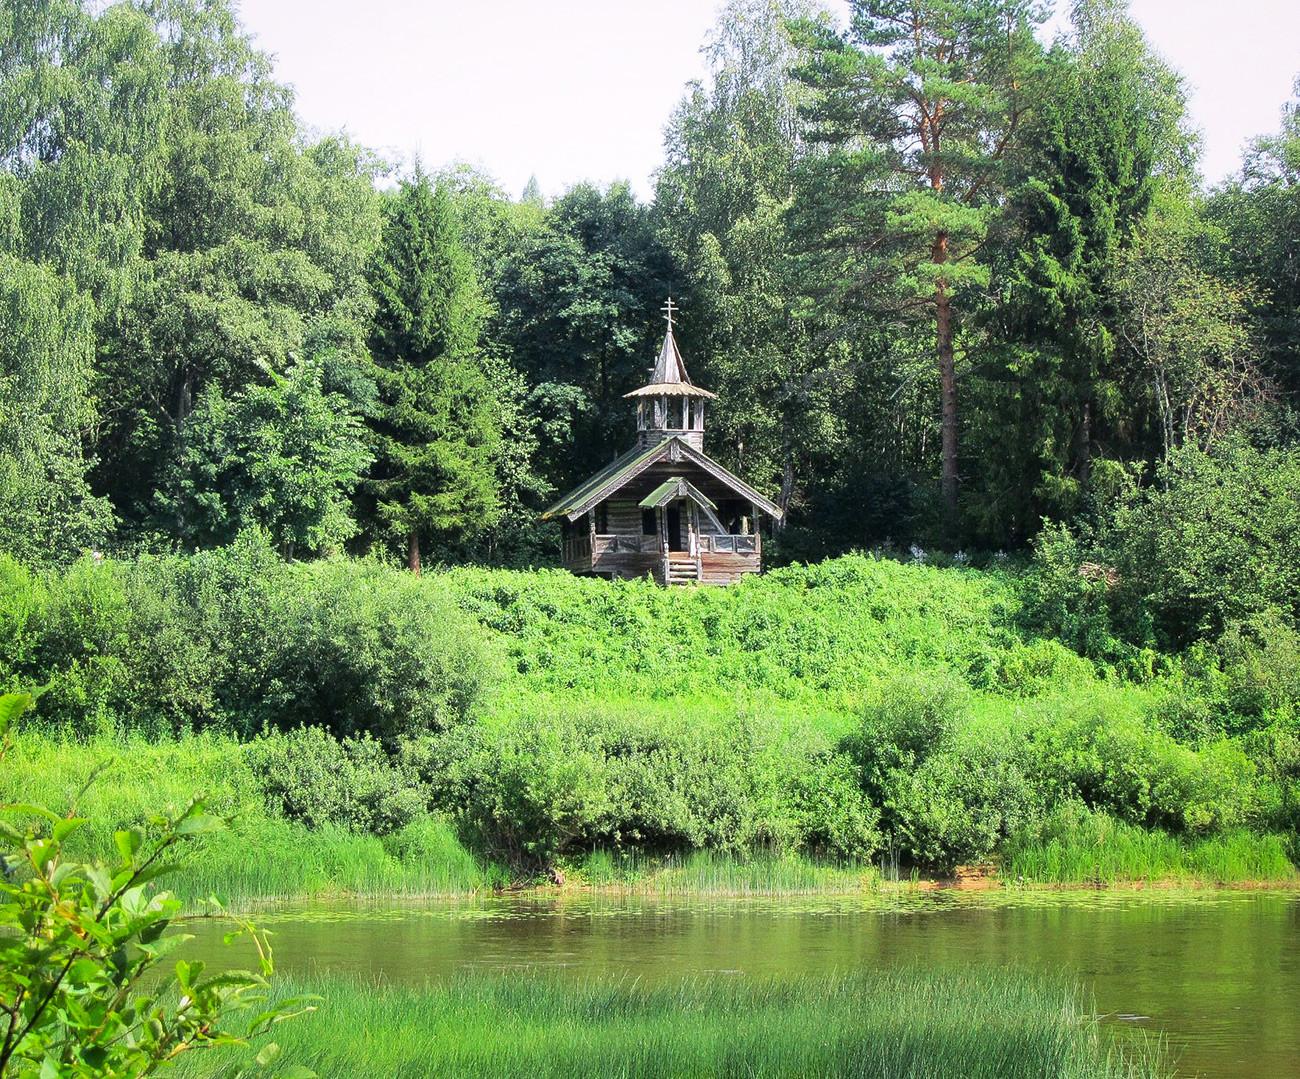 Tichwin-Kapelle aus dem 17. Jahrhundert im Dorf Bolschoje Pechowo (am Fluss Msta), Region Nowgorod